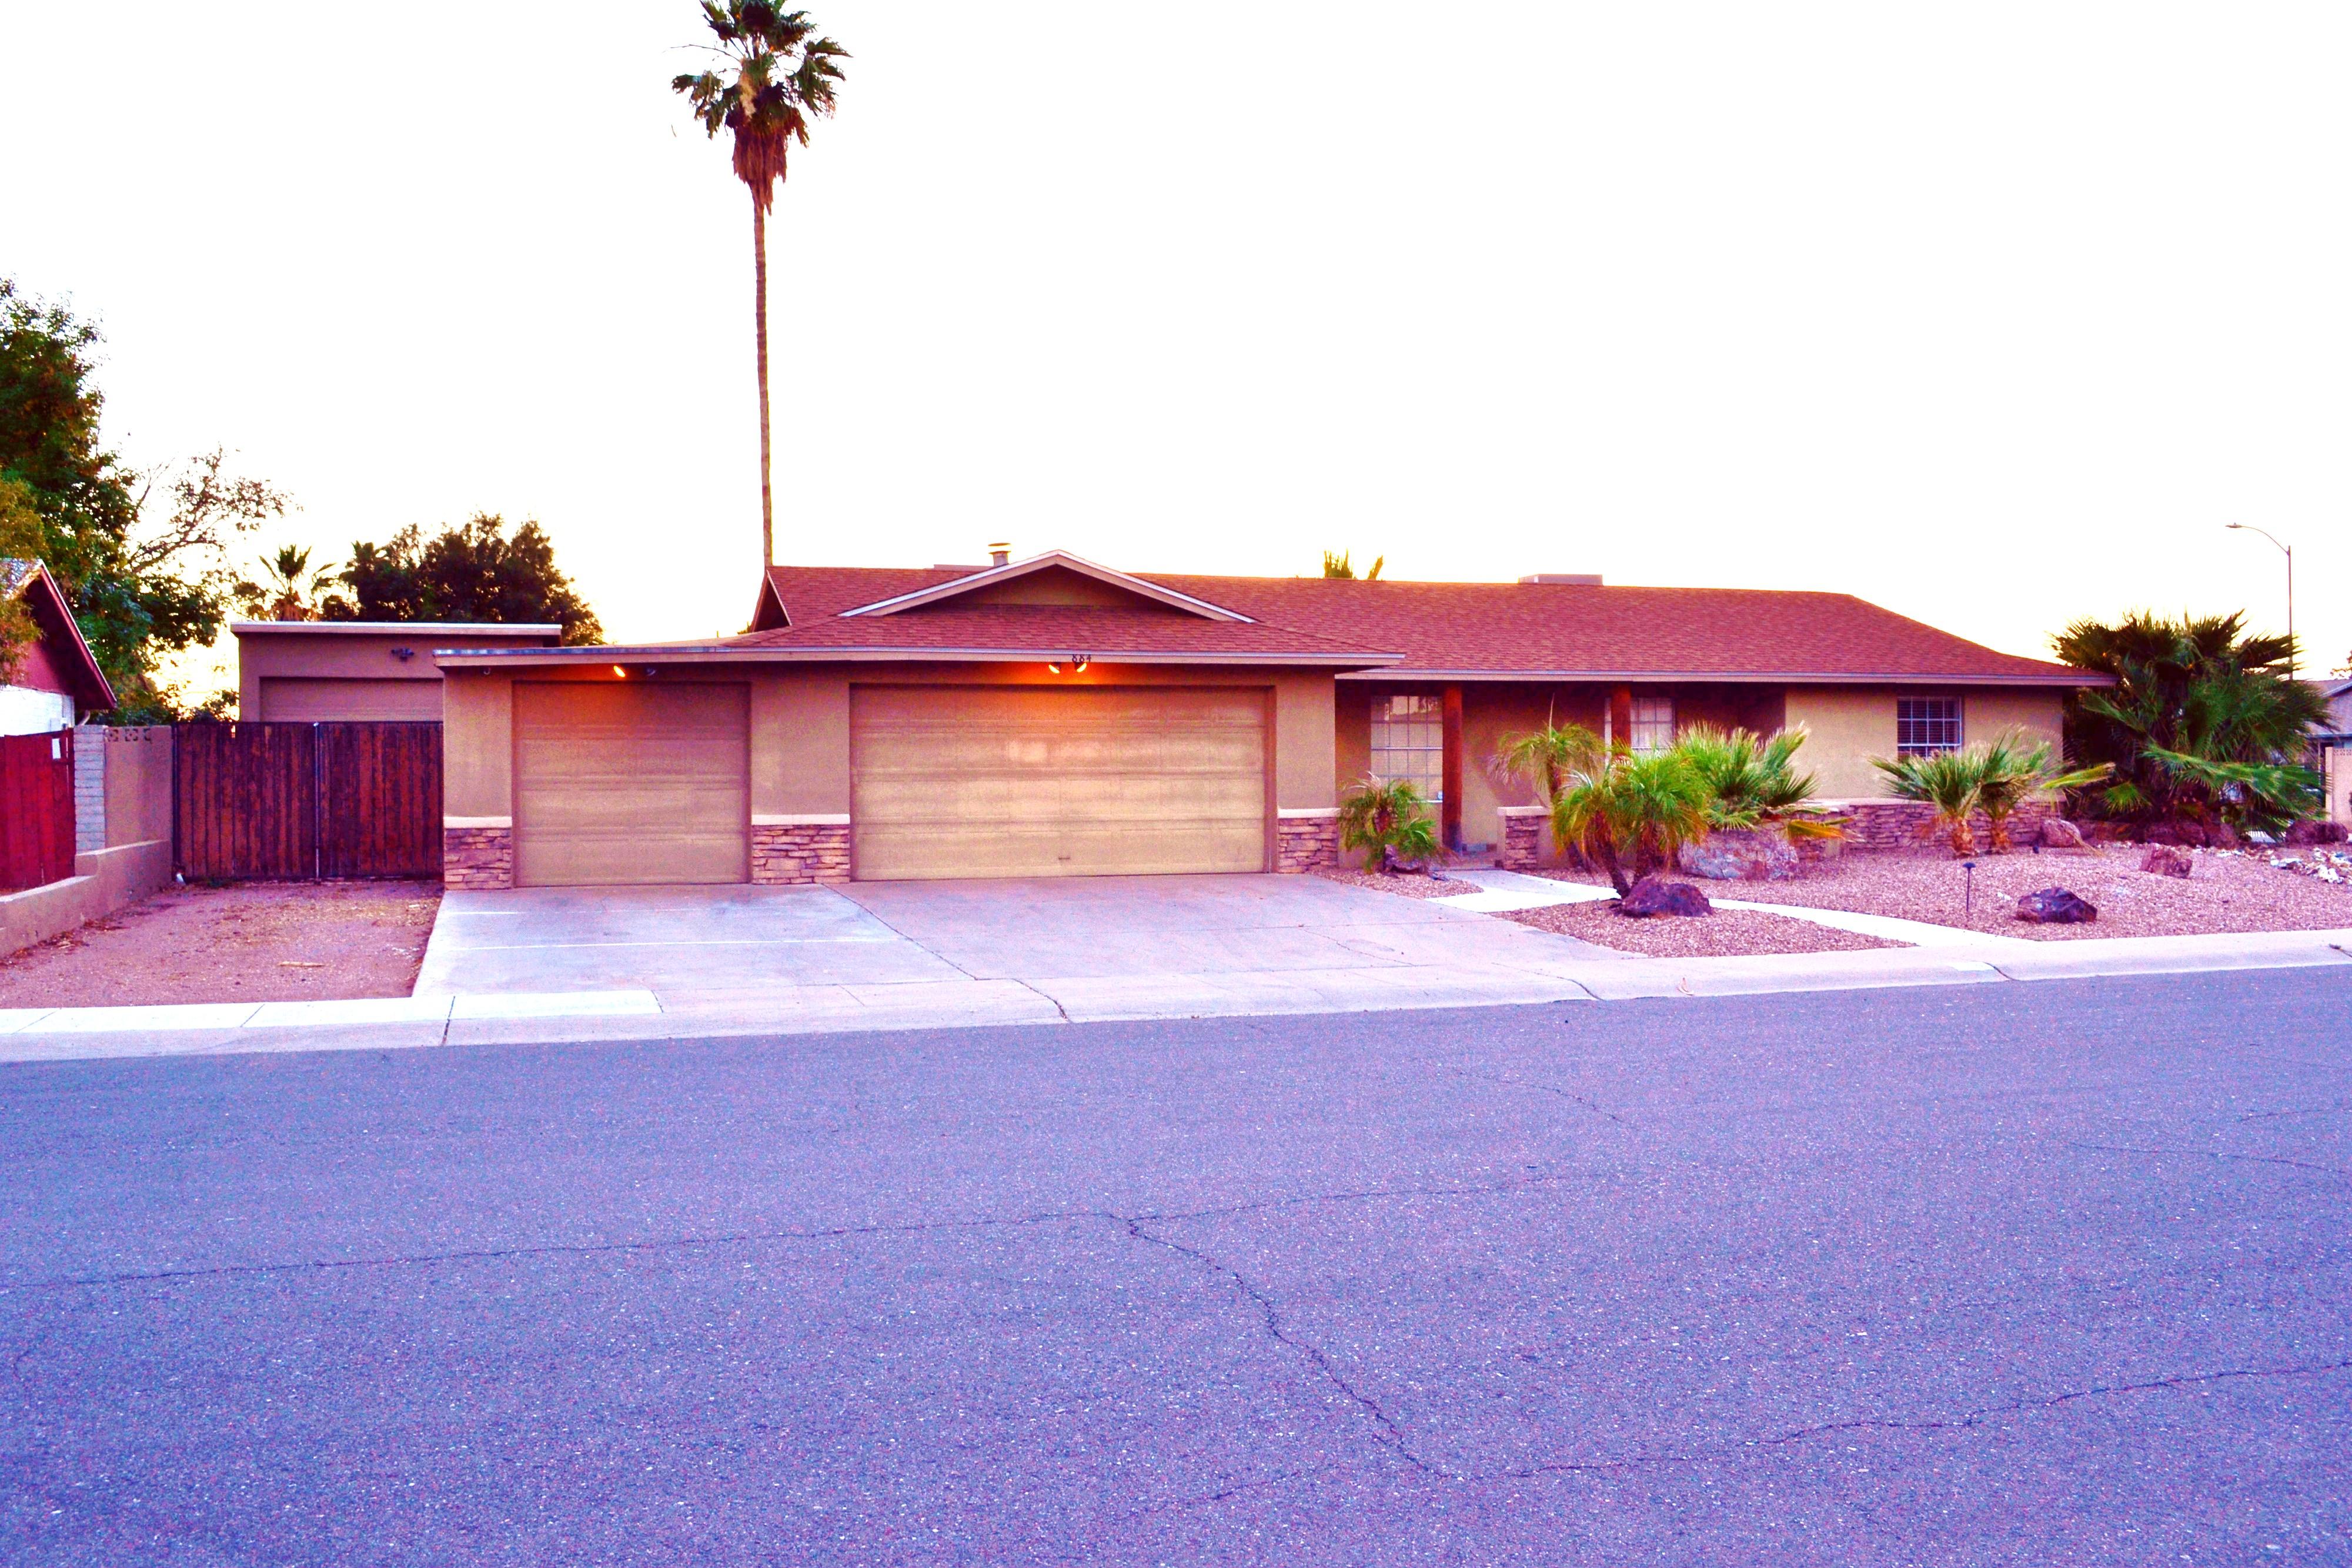 Rv Garage Home In Chandler Az For Sale 260 000